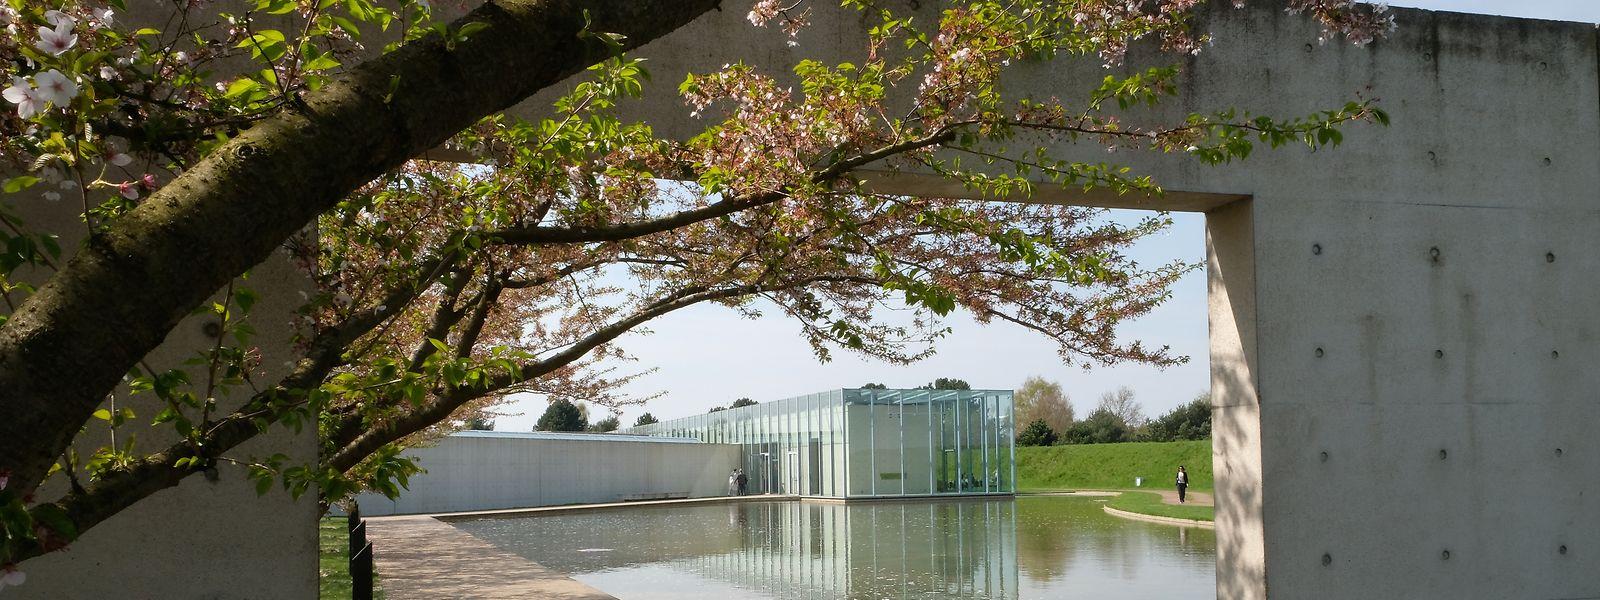 Die Langen Foundation in Neuss besticht durch ein eigenartiges Zusammenspiel von Beton, Glas, Stahl und Natur.